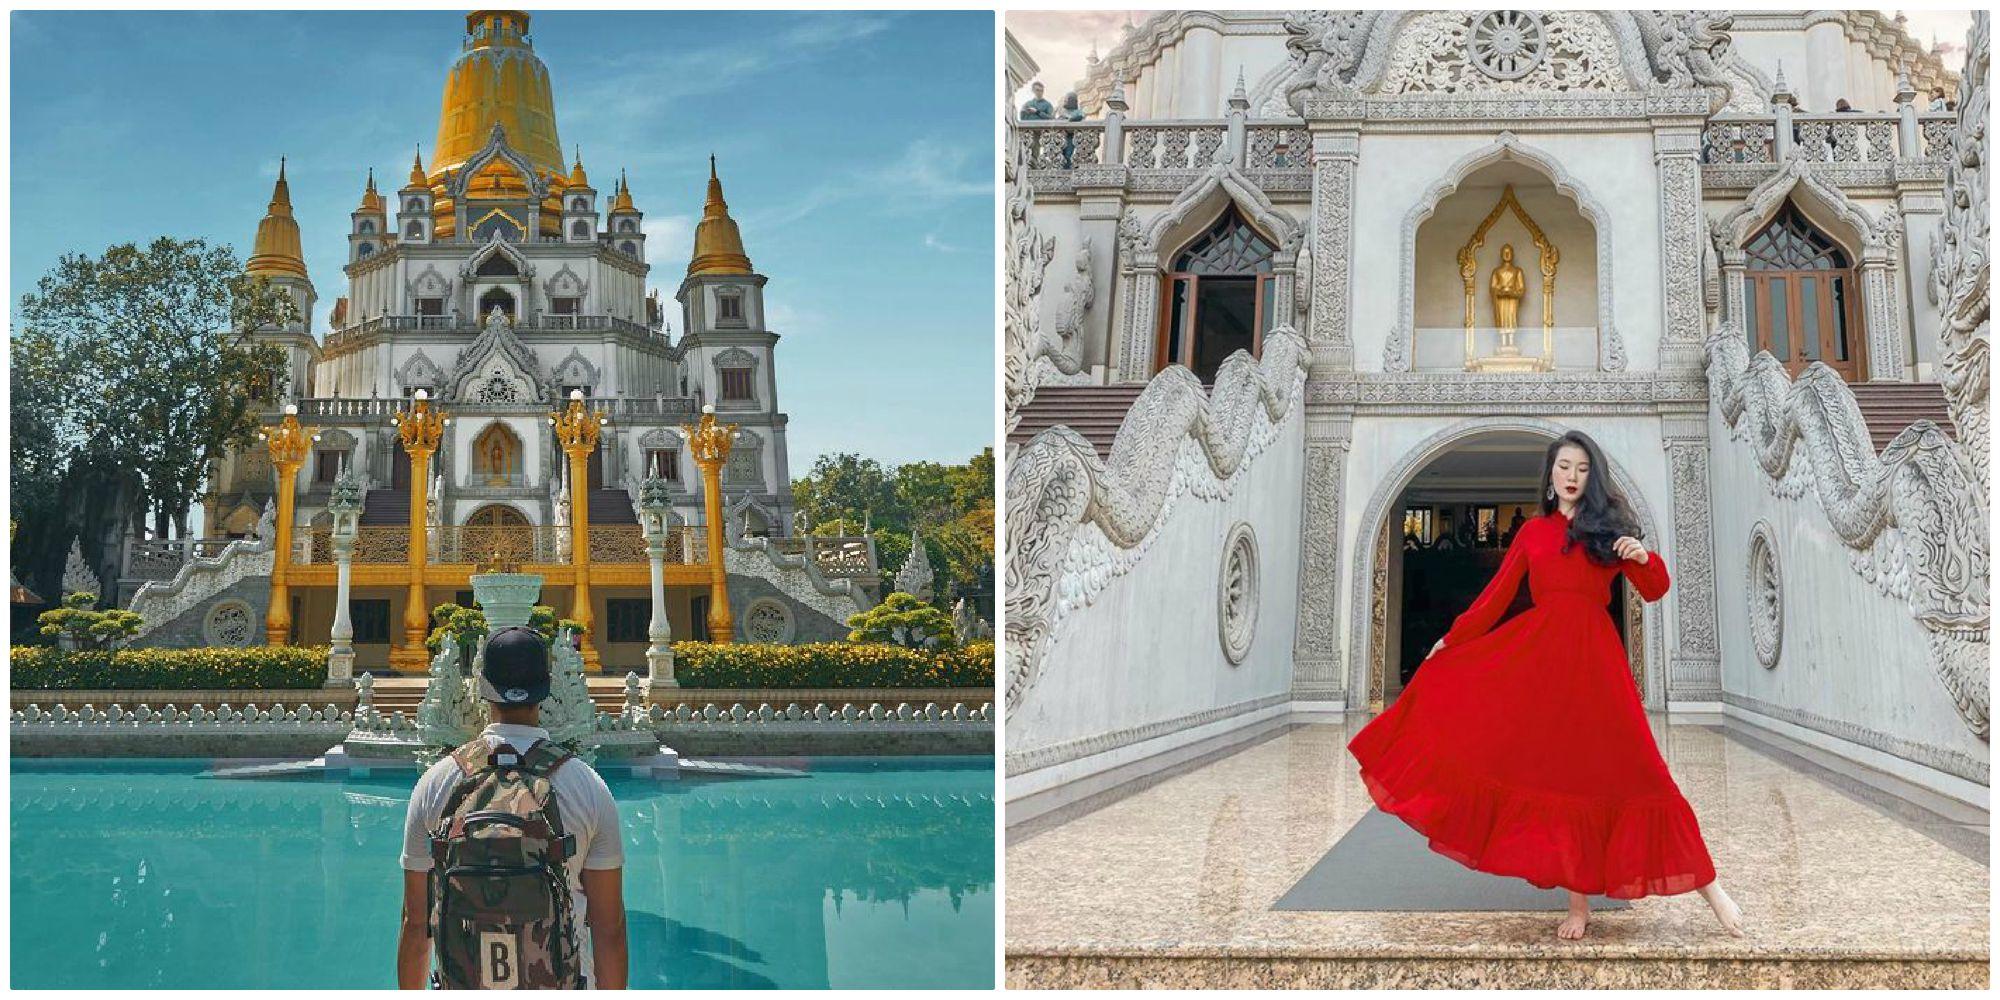 Đẹp quên lối về ngôi chùa nằm trong top 10 ngôi chùa đẹp nhất thế giới ngay ở Sài Gòn